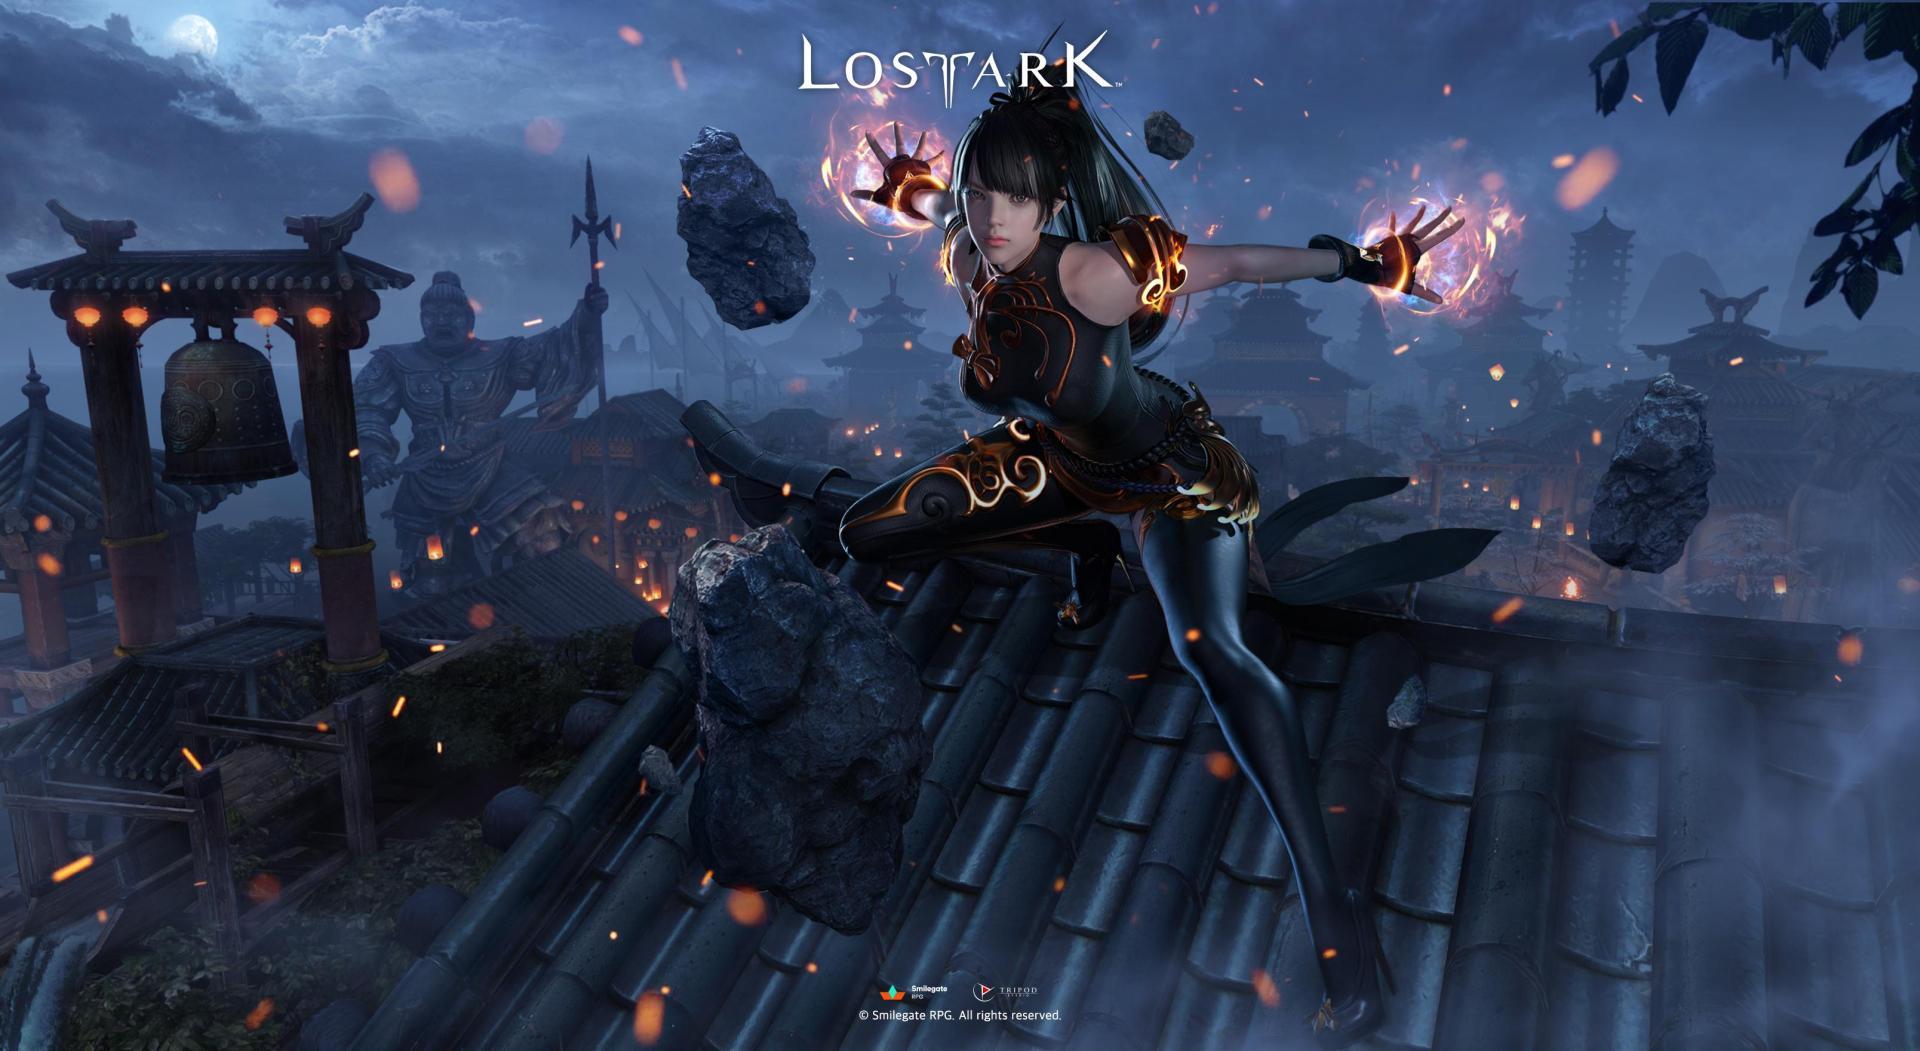 Lost Ark Release Date Wallpaper